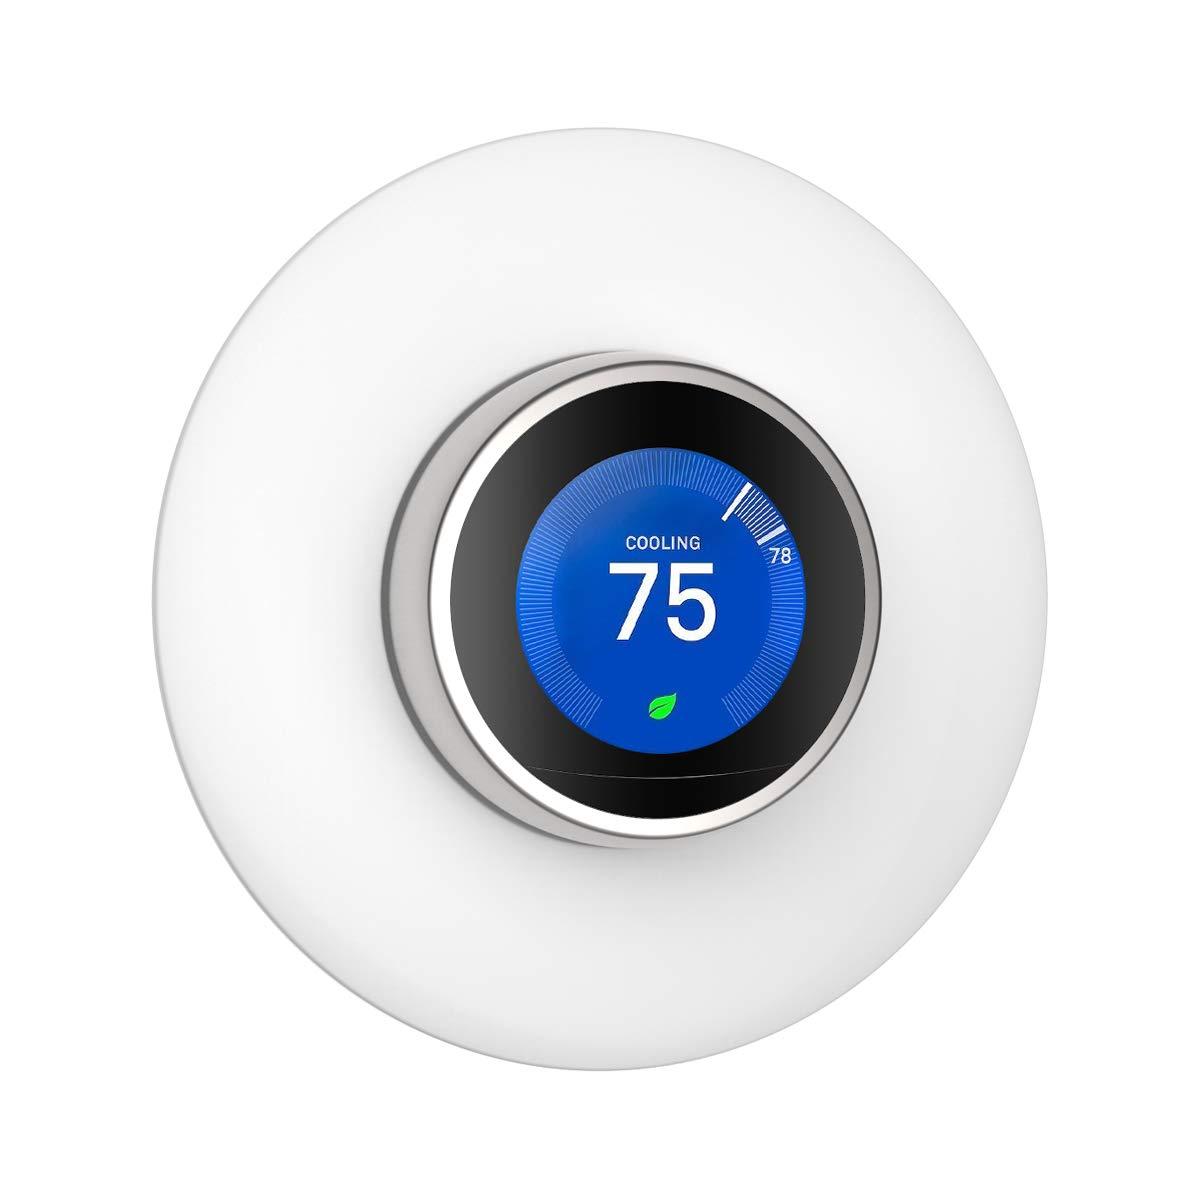 Wigoo Cubierta de placa de pared para Nest Learning Thermostat para tercera generació n (no compatible con Nest E) - Blanco 16cm